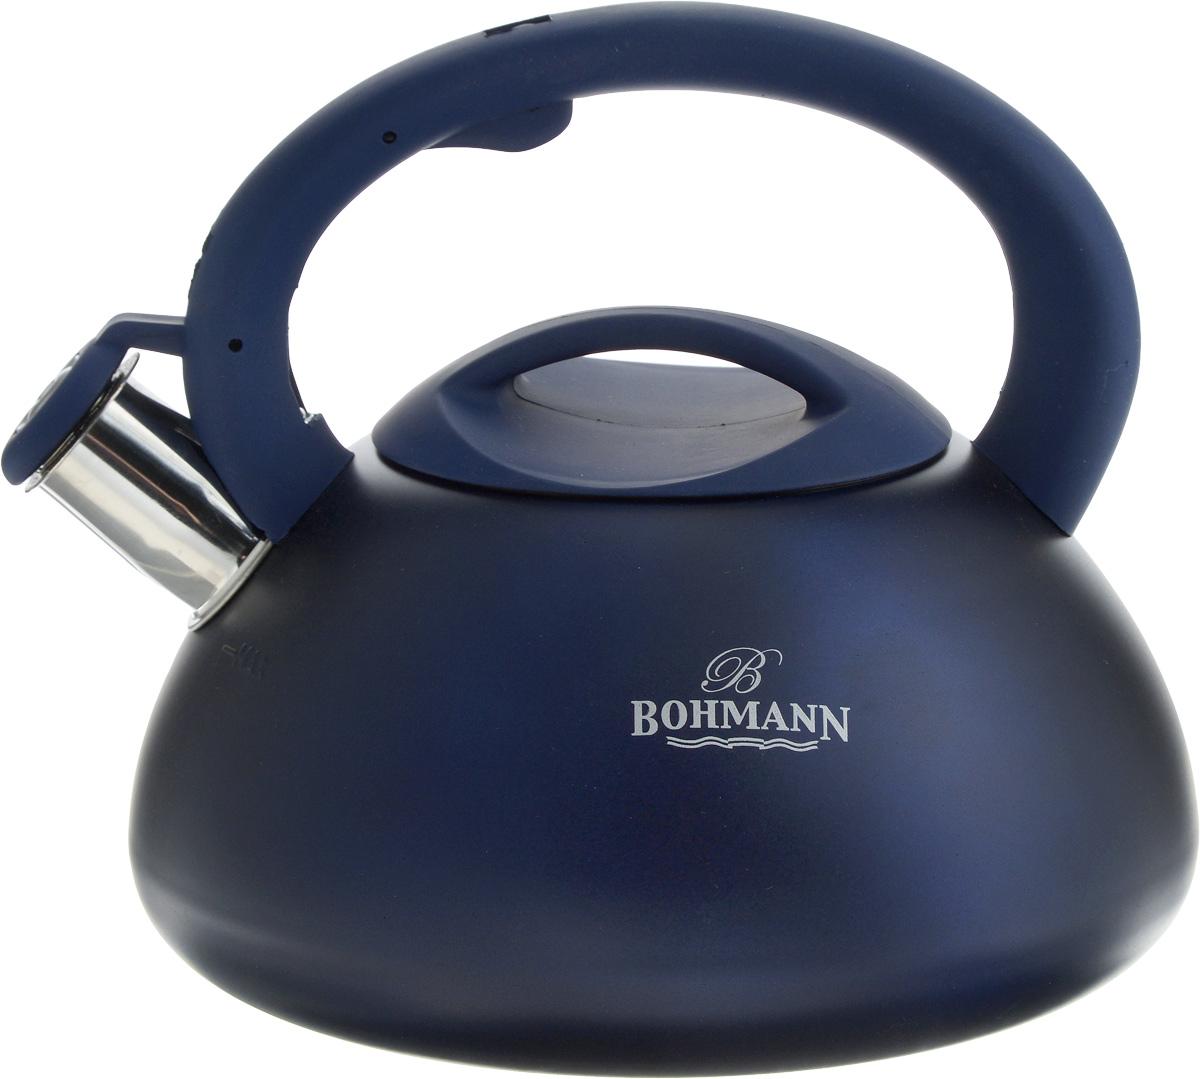 Чайник Bohmann, со свистком, 3 л. BH-9957115510Чайник Bohmann выполнен из высококачественнойнержавеющей стали, что делает его весьма гигиеничными устойчивым к износу при длительном использовании.Носик чайника оснащен насадкой-свистком, что позволитвам контролировать процесс подогрева или кипяченияводы. Чайник снабжен стальной крышкой и эргономичной ручкой из пластика с резиновымпокрытием. Эстетичный и функциональный чайник будеторигинально смотреться в любом интерьере. Подходит для всех типов плит, кроме индукционных.Можно мыть в посудомоечной машине.Высота чайника (с учетом ручки и крышки): 20 см. Диаметр чайника (по верхнему краю): 11 см. Диаметр индукционного дна: 16 см.